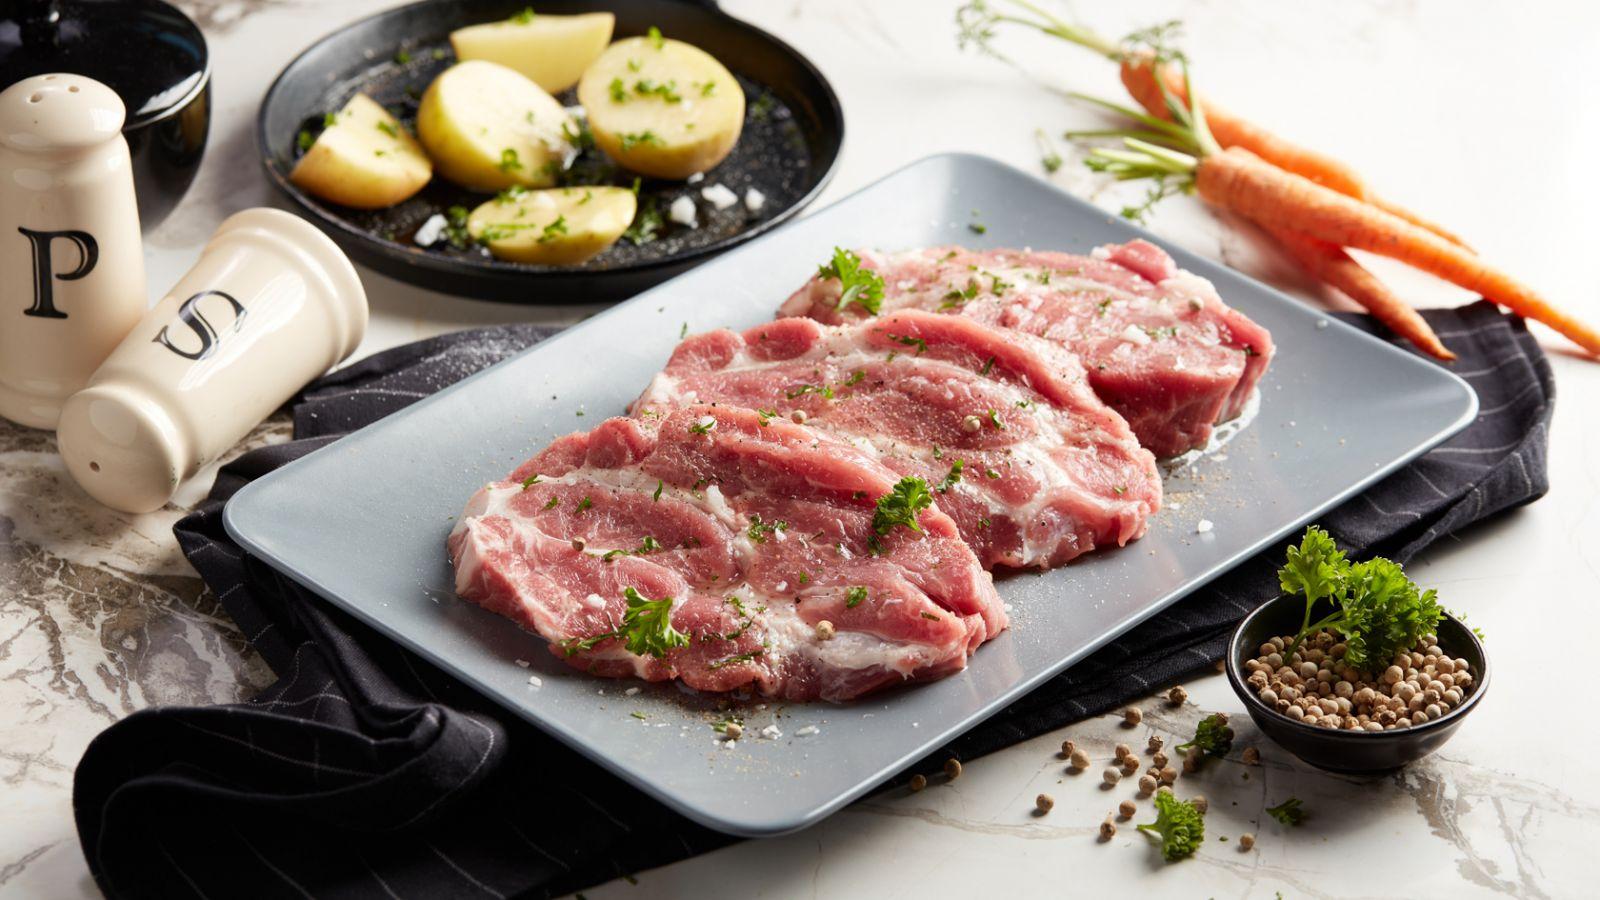 หมู VC Meat